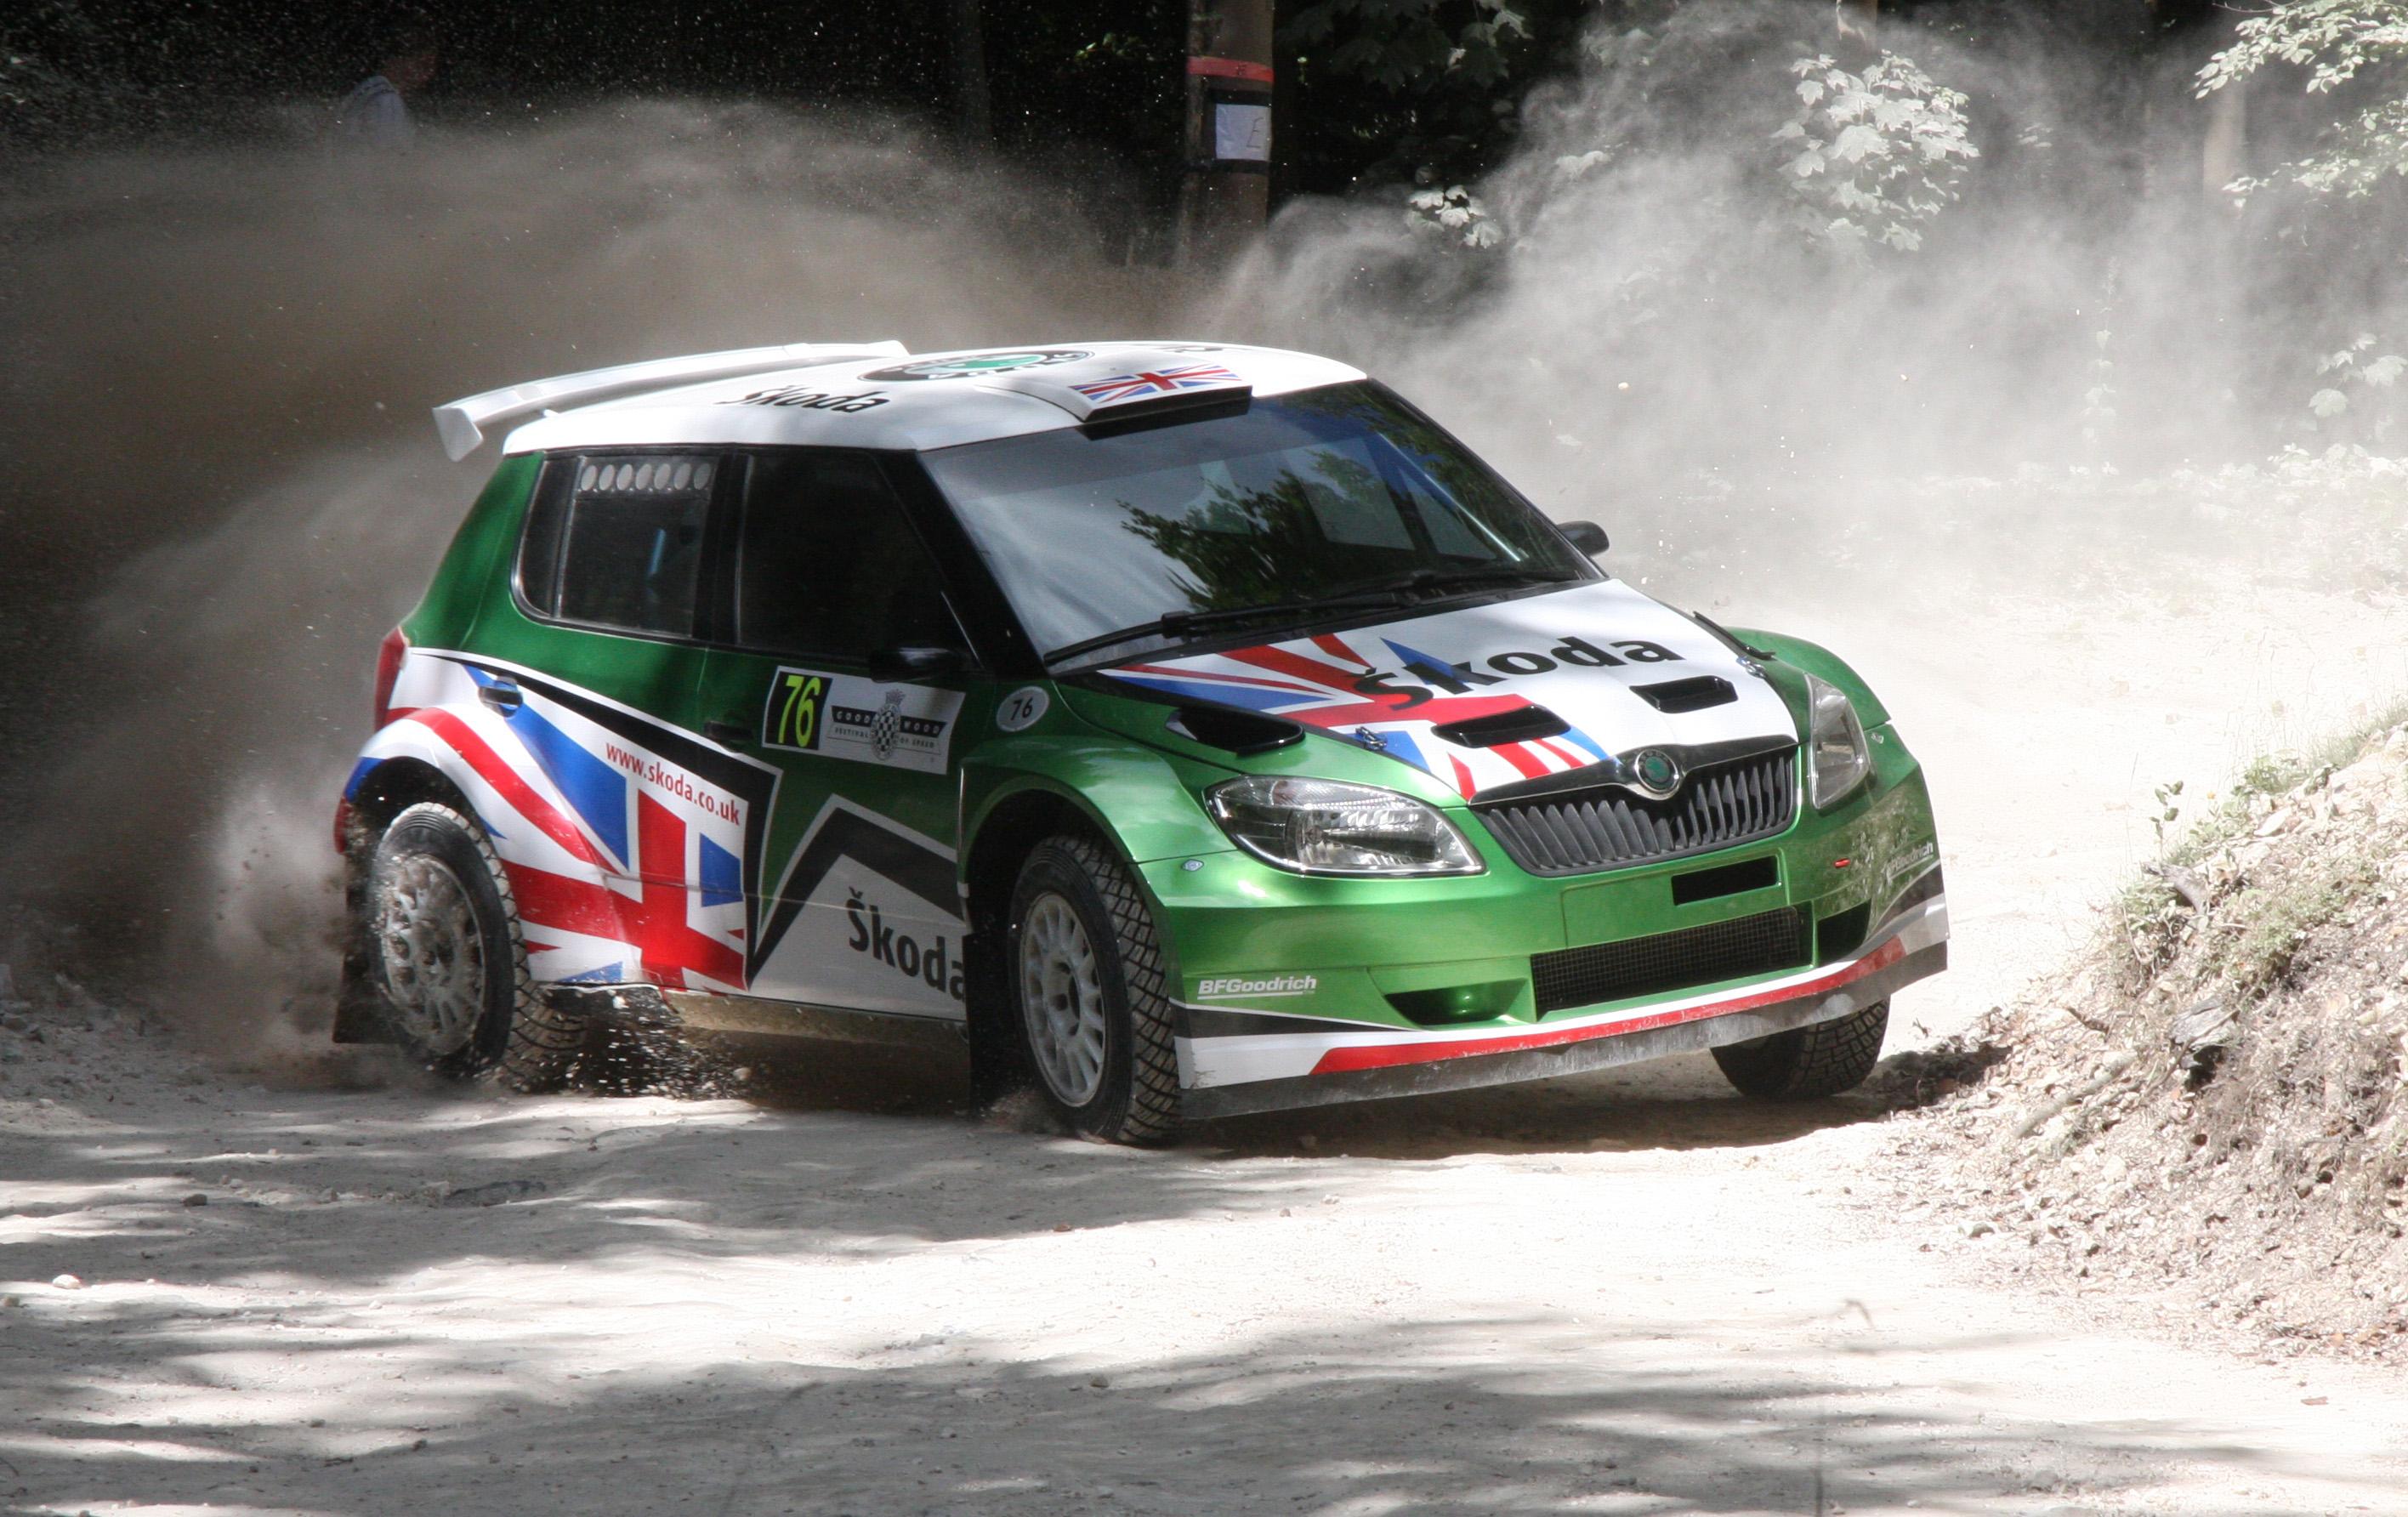 The New Skoda Fabia Makes Me Wanna Build A Rally Car